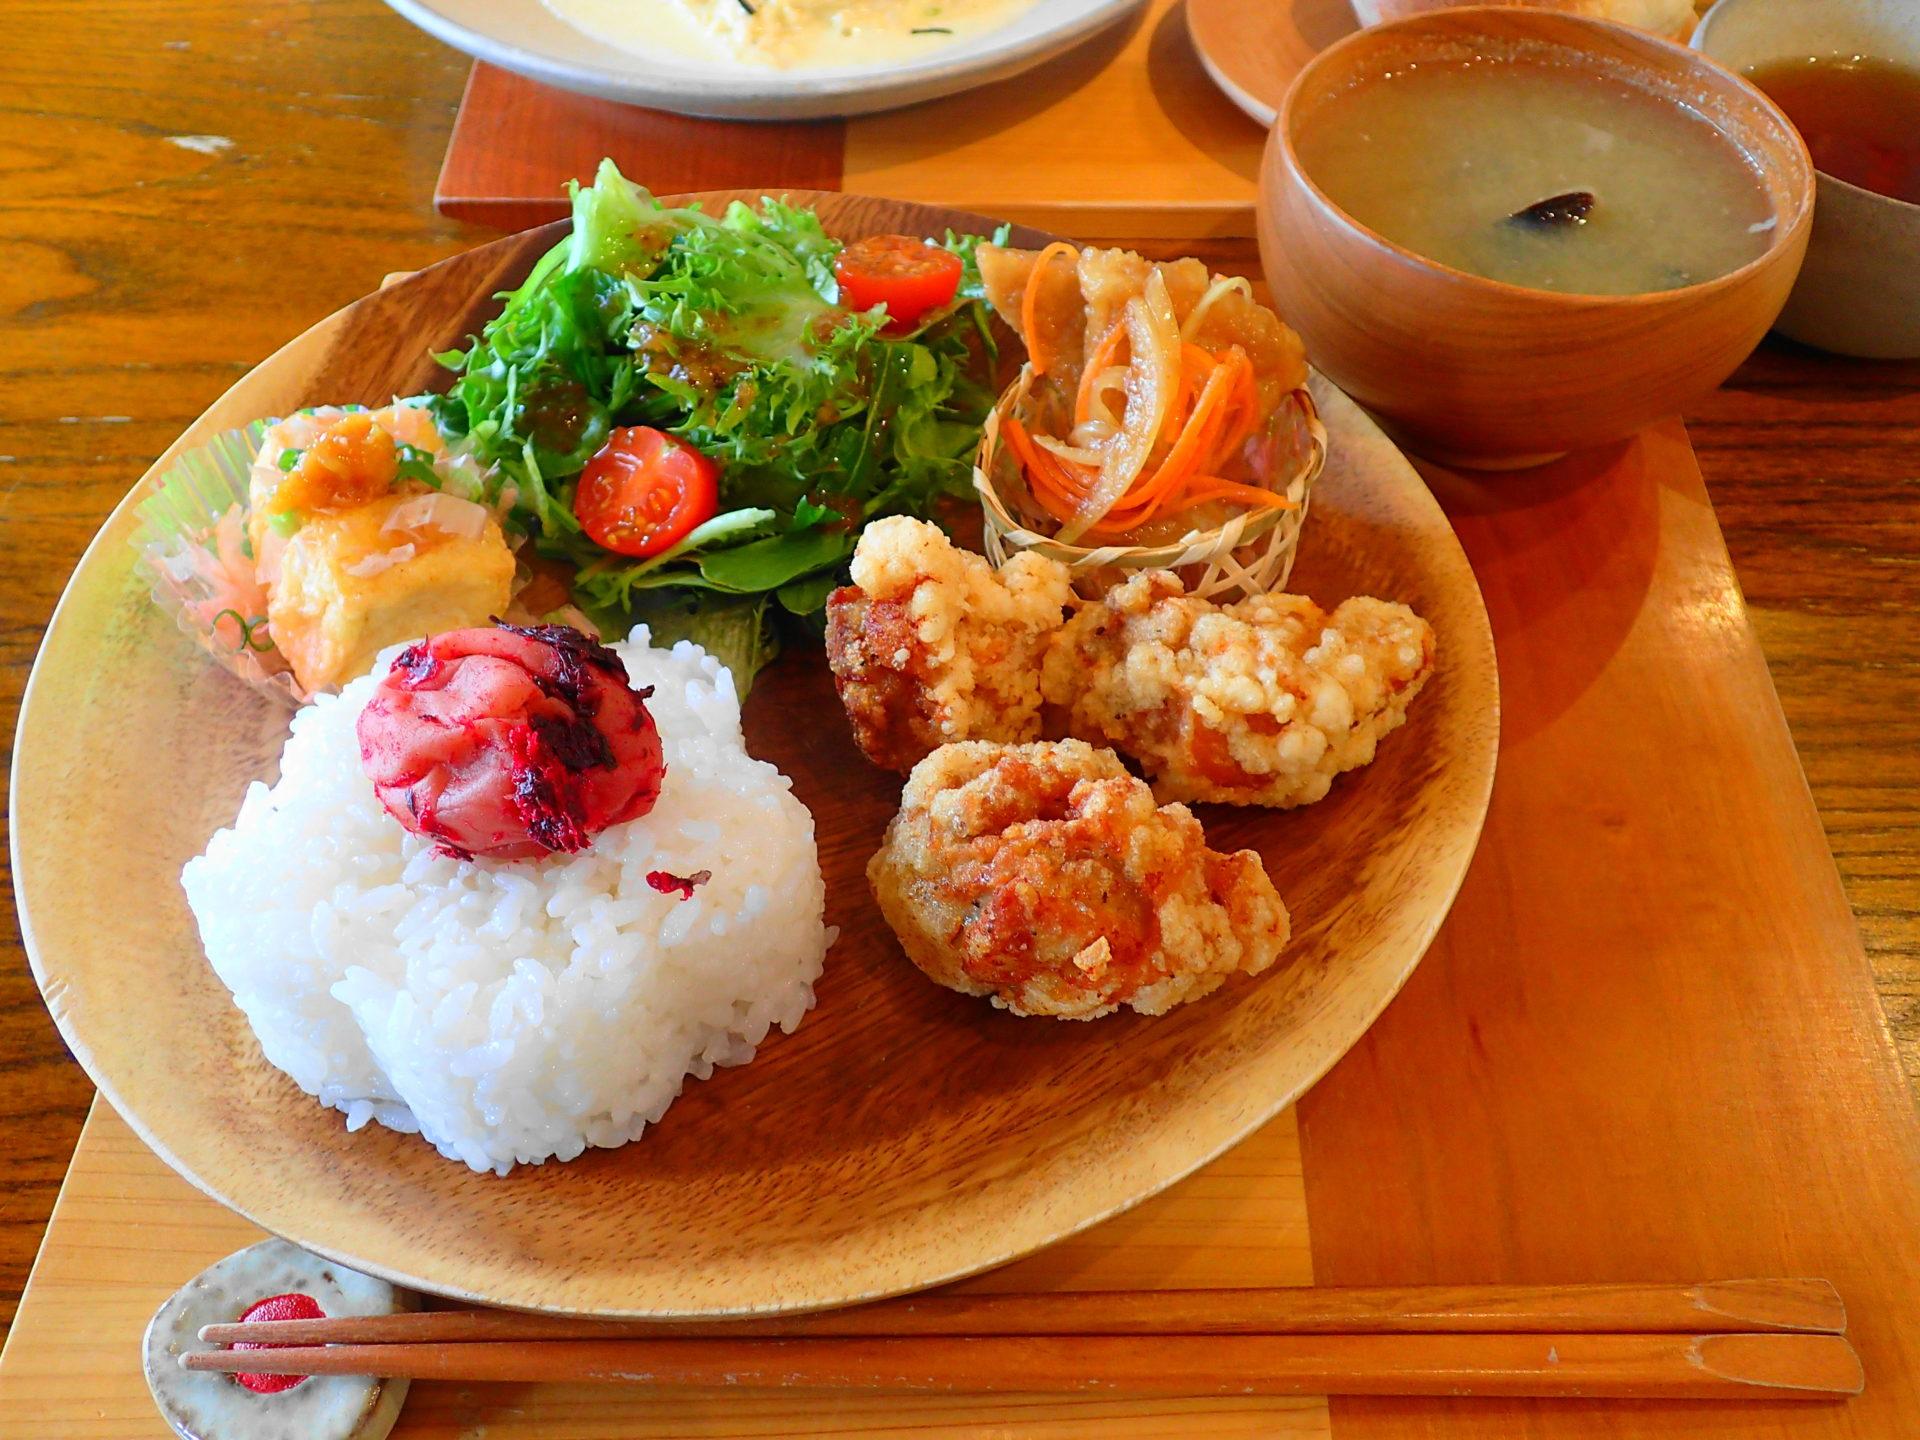 梅カフェWAON(大洗)|全国初の梅専門カフェでランチ!! - いばらじお♪